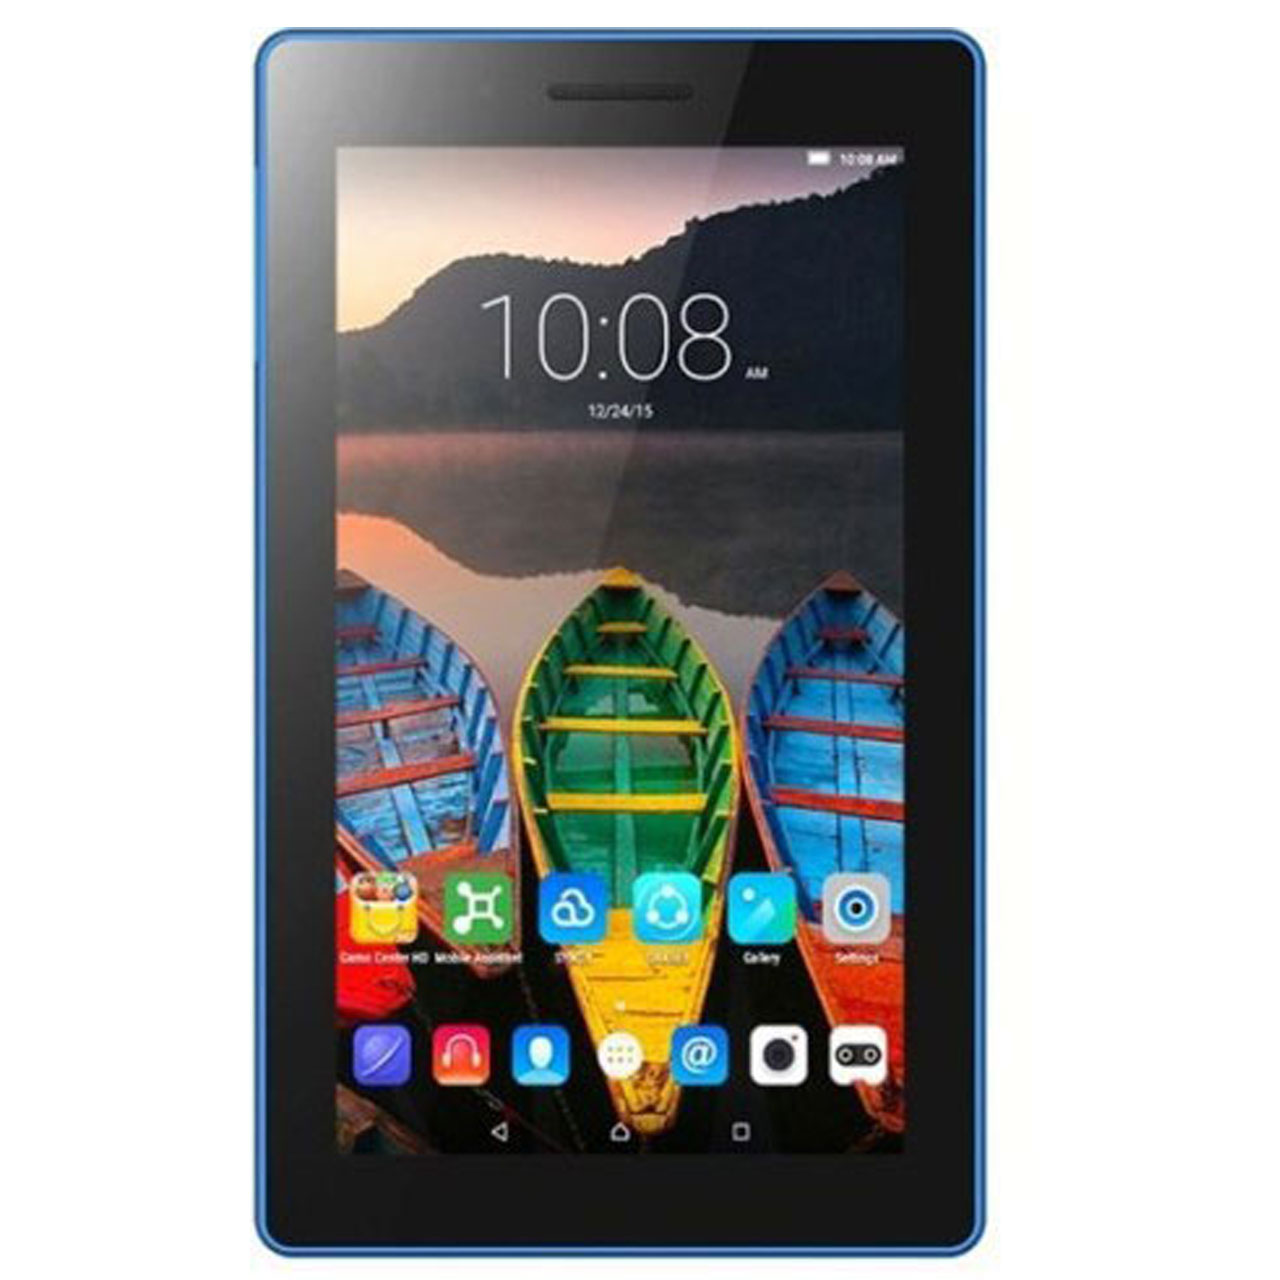 تبلت لنوو مدل Tab 3 7 4G دو سيم کارت ظرفيت 16 گيگابايت به همراه باندل Exclusive